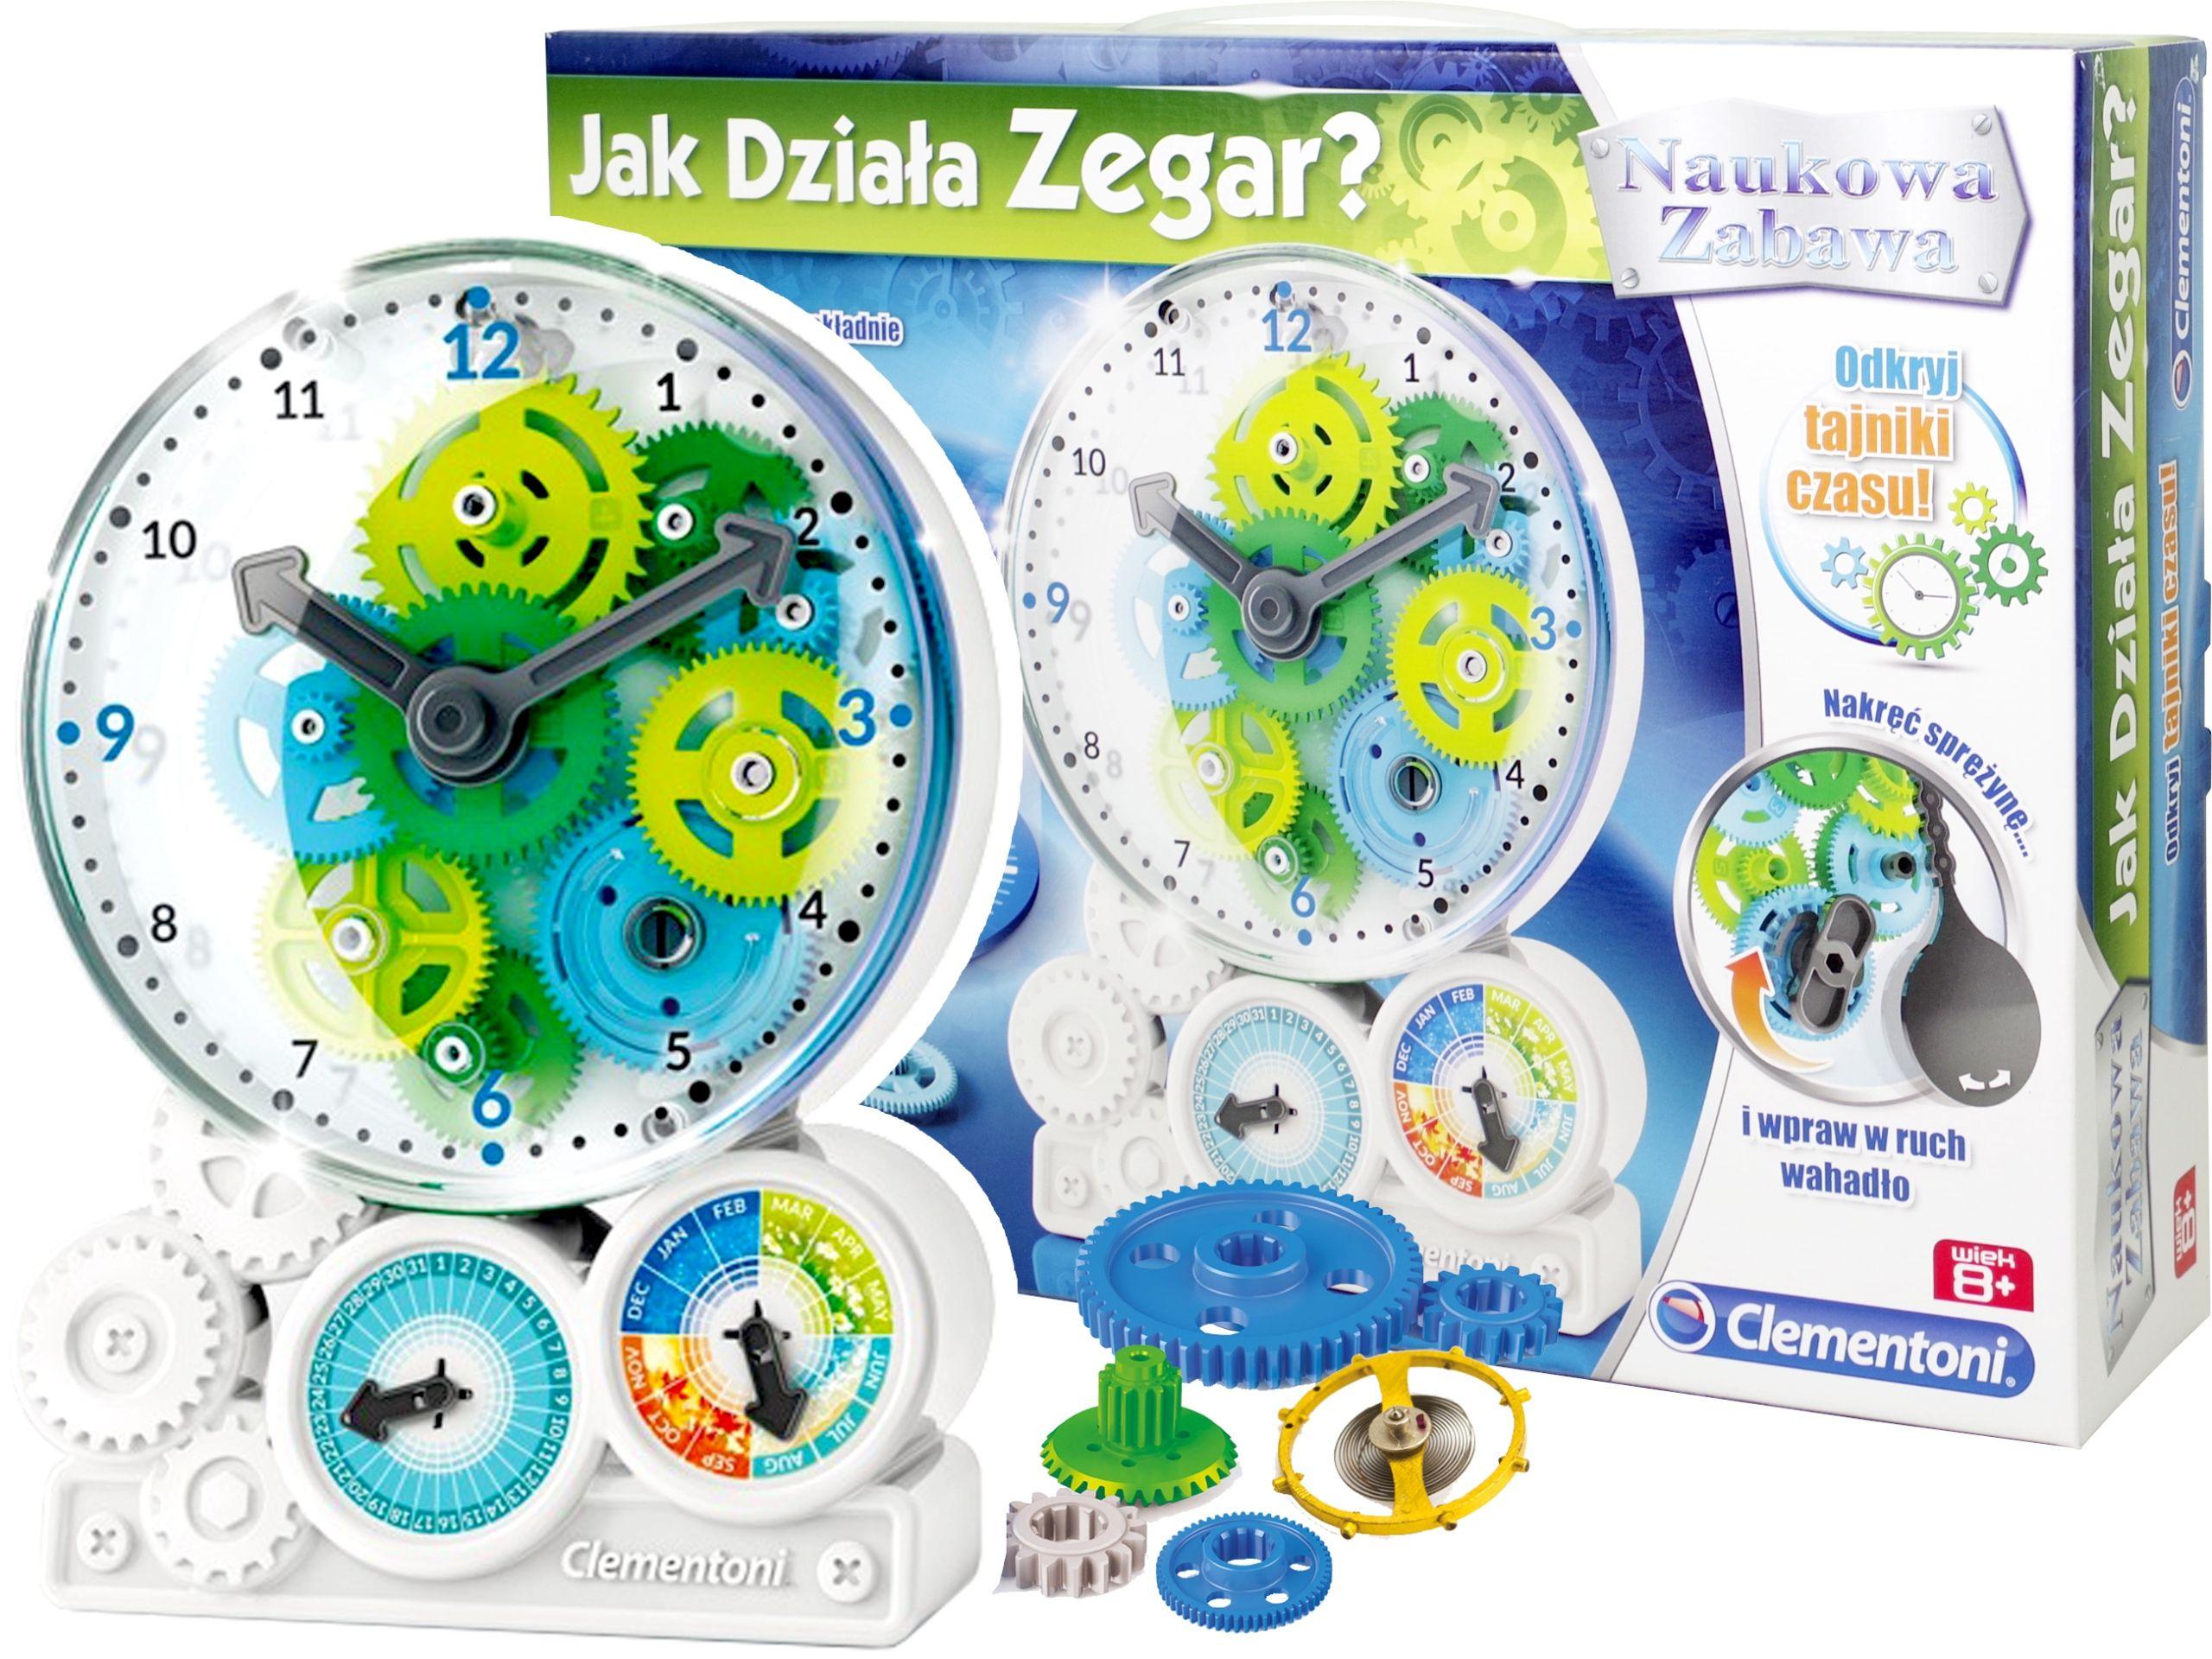 Kup Teraz Na Allegro Pl Za 39 70 Zl Clementoni Jak Dziala Zegar Naukowa Zabawa 60948 7348854837 Allegro Pl Radosc Zakupow I Bezpieczenst Tableware Plates